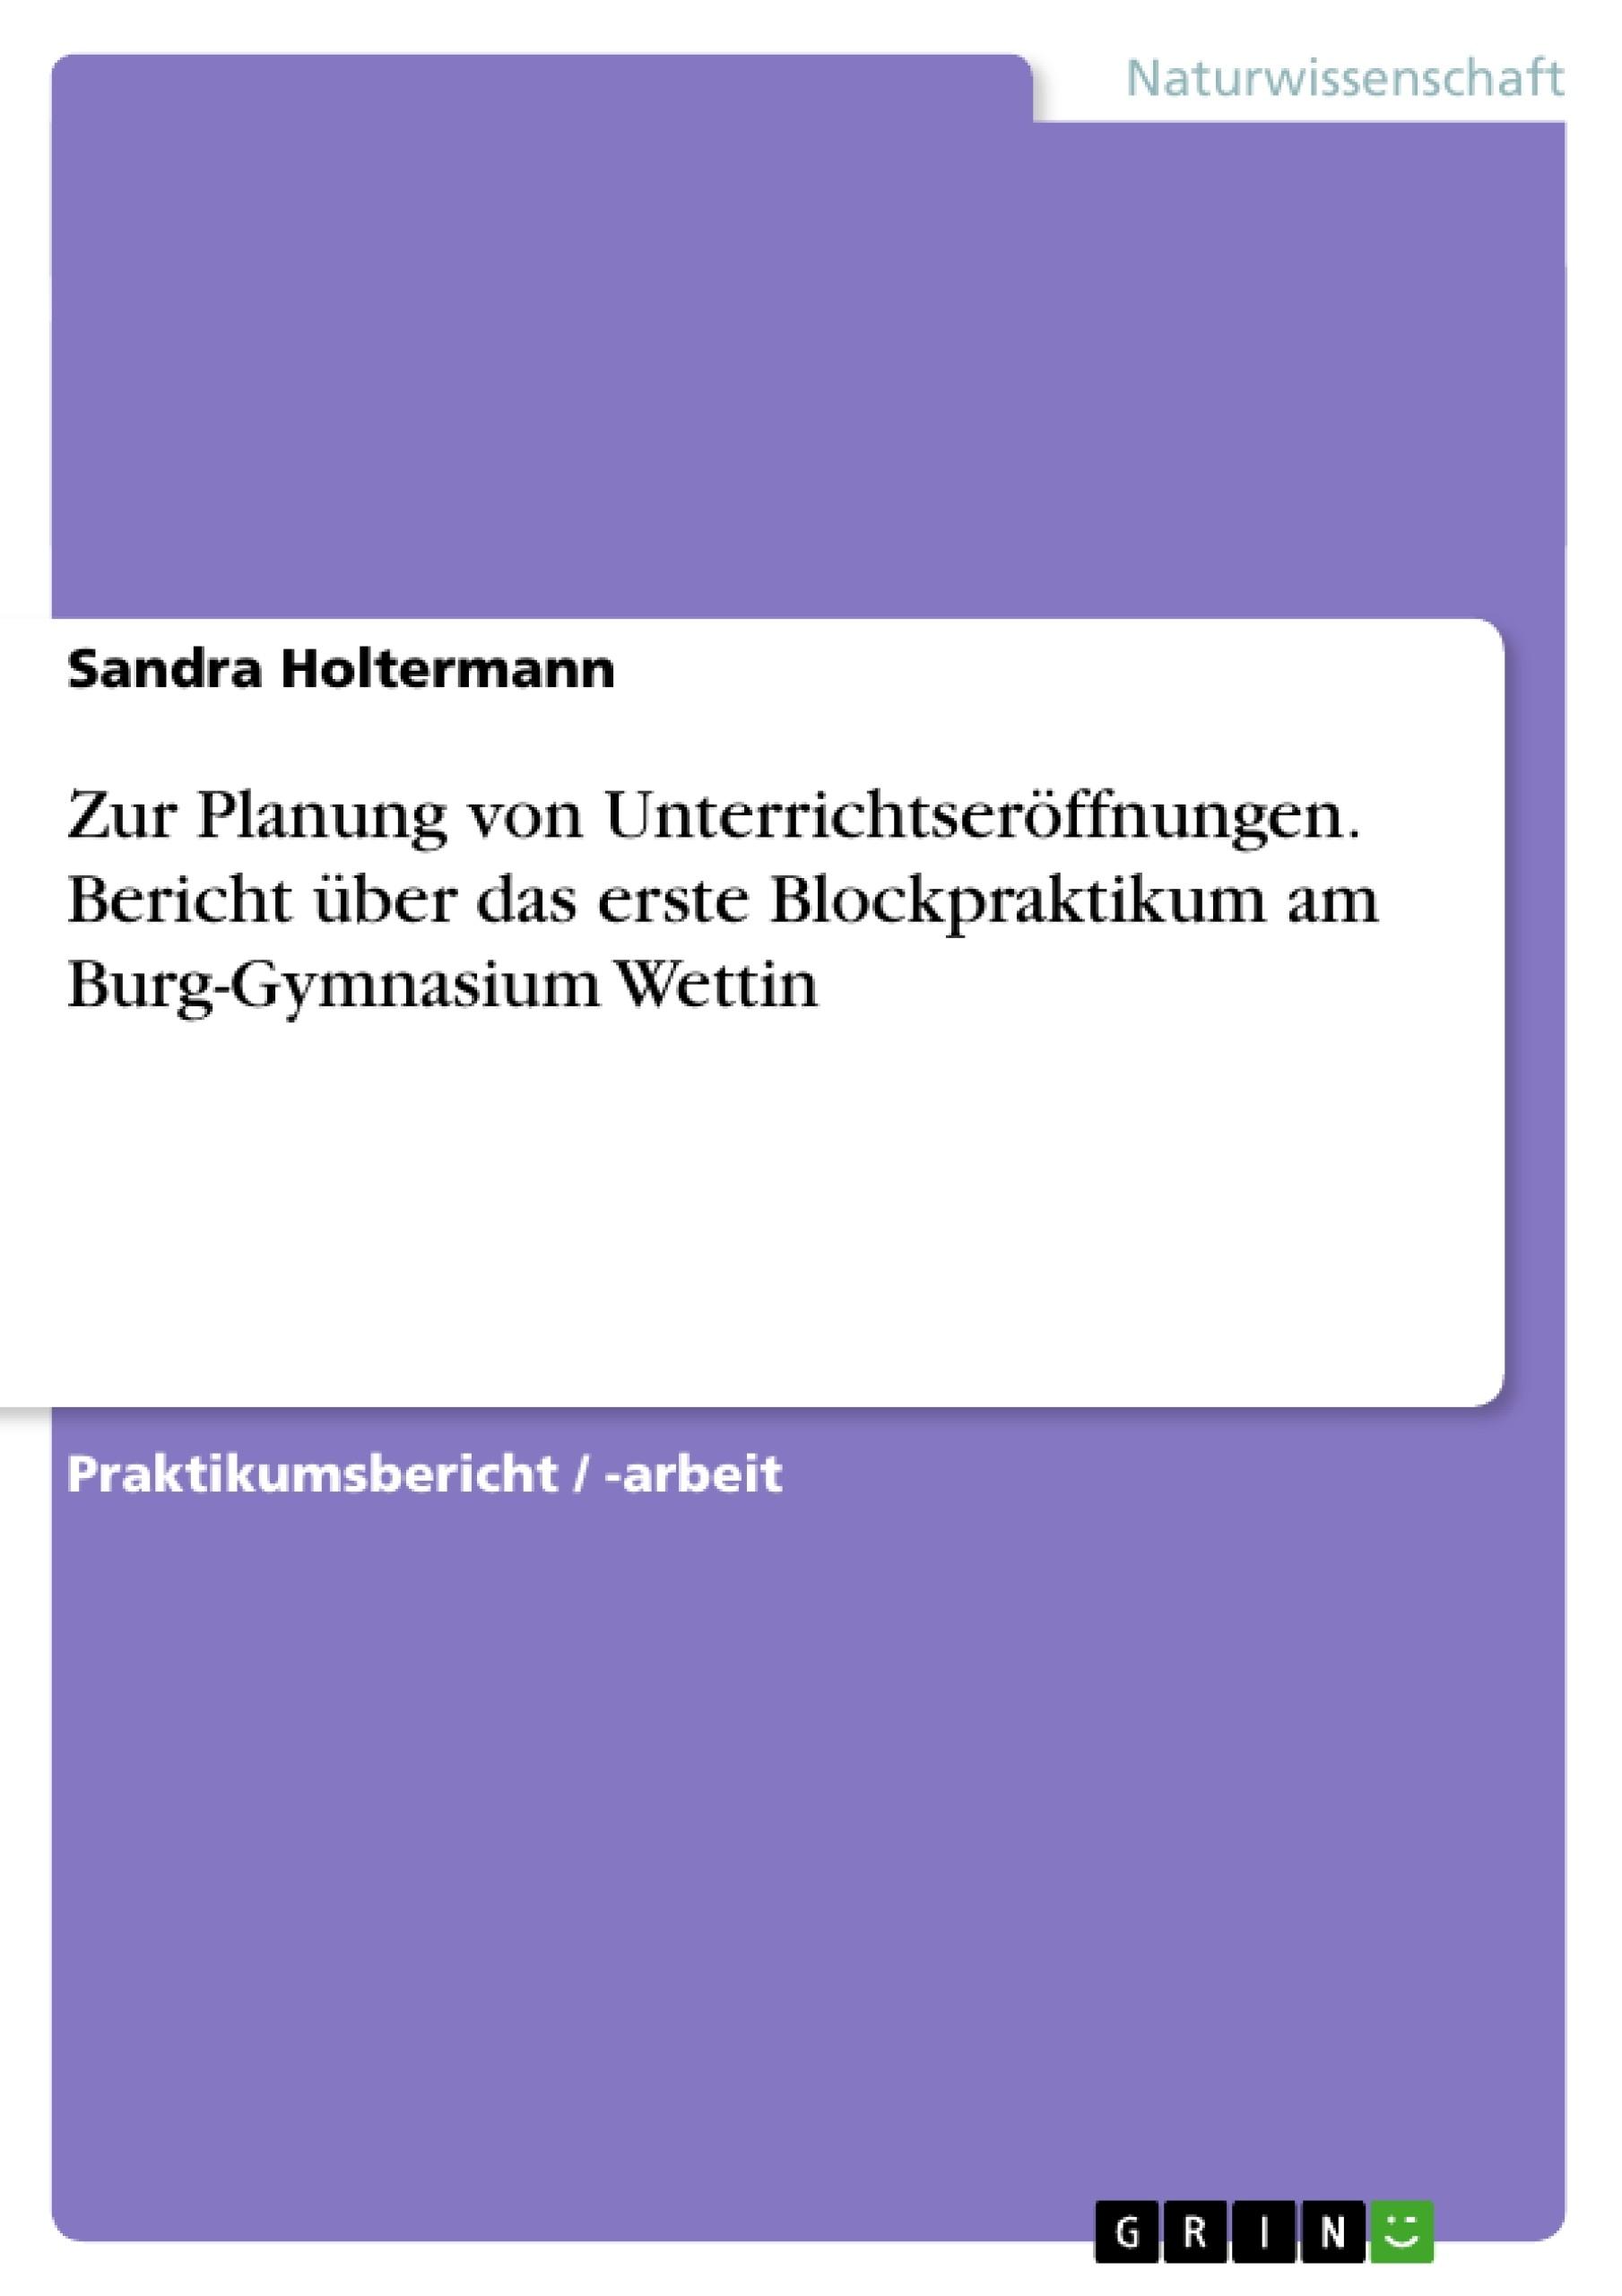 Titel: Zur Planung von Unterrichtseröffnungen. Bericht über das erste Blockpraktikum am Burg-Gymnasium Wettin